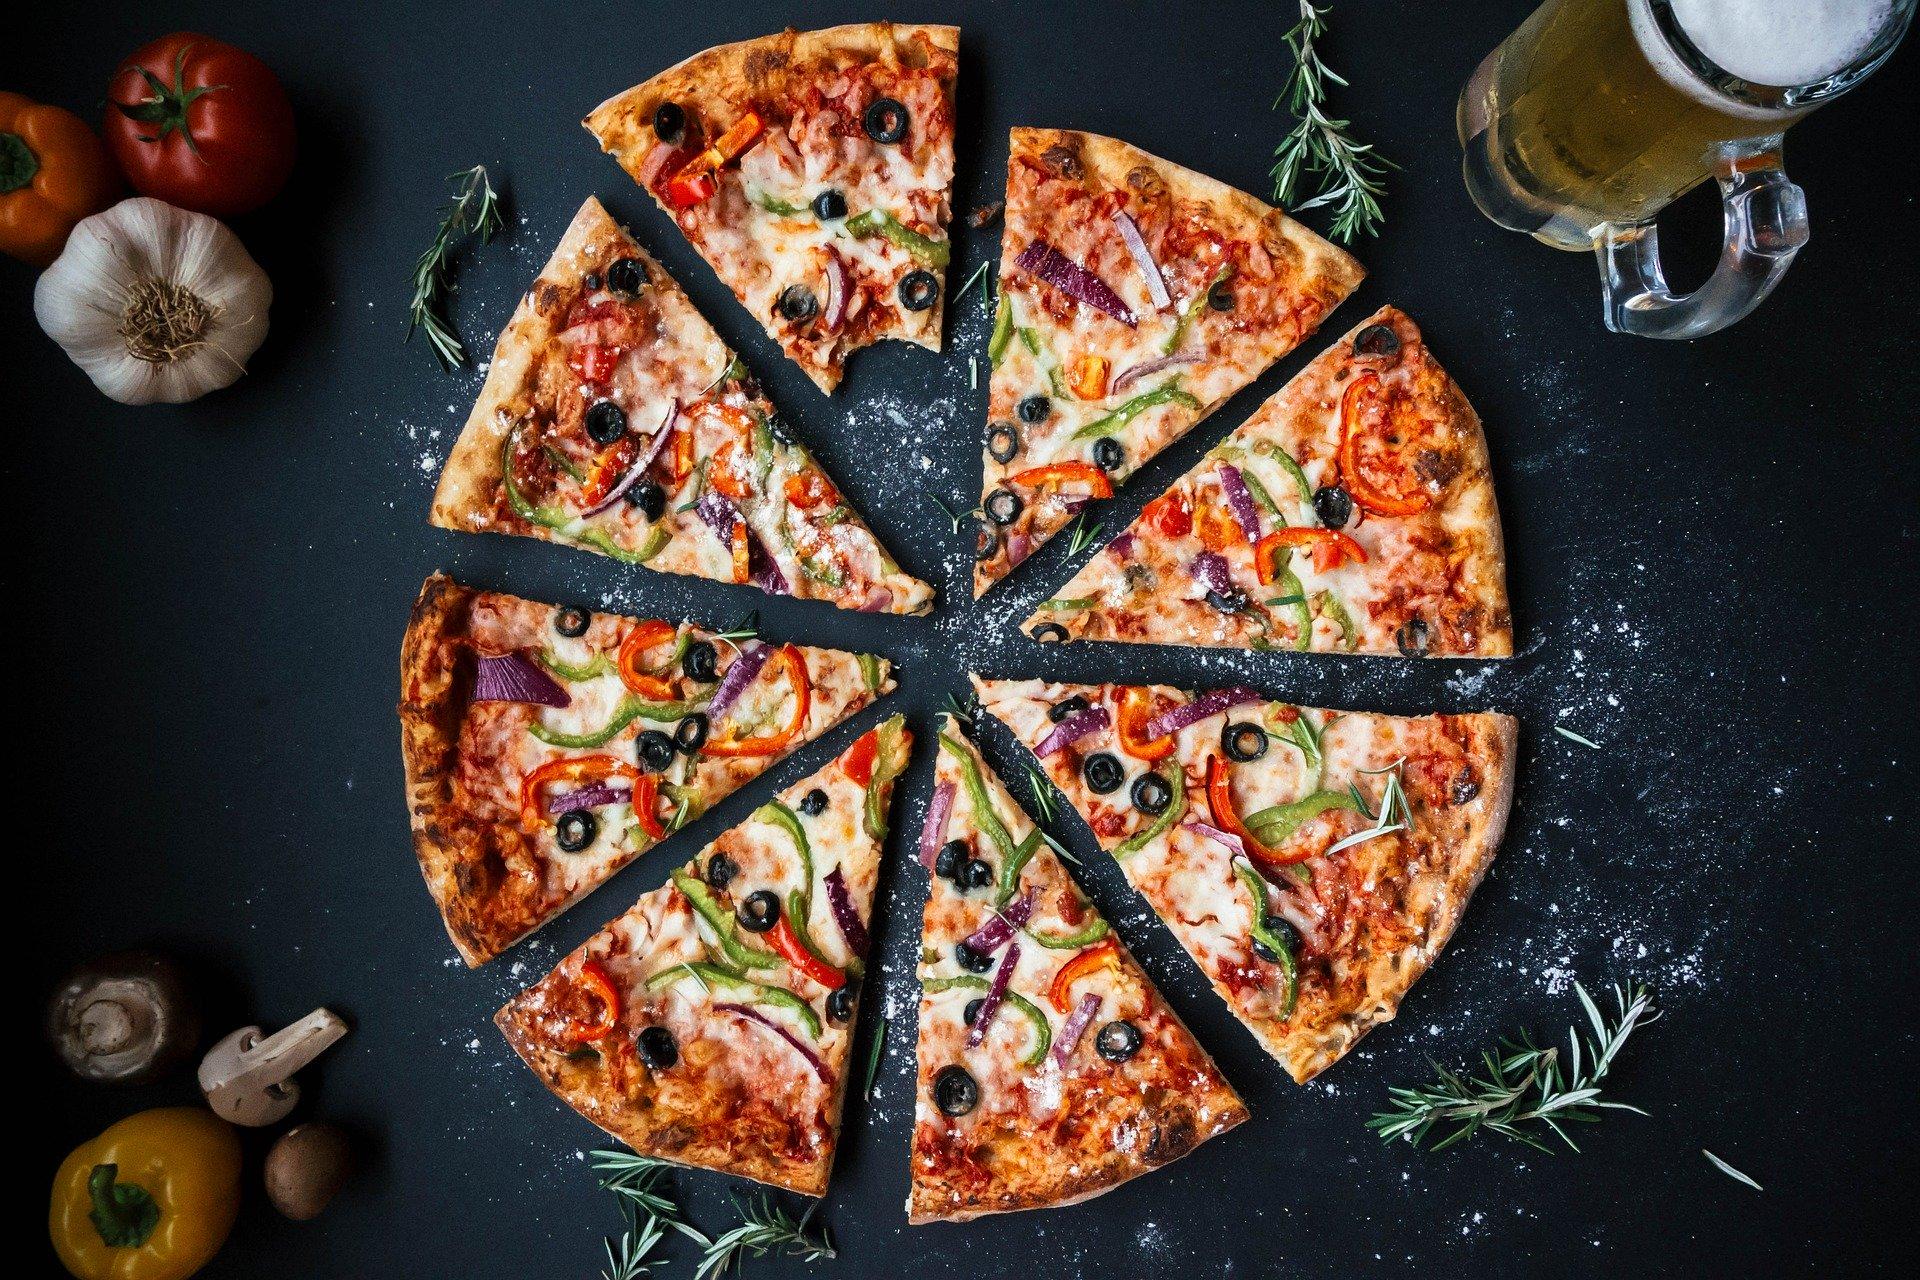 09.02 Międzynarodowy Dzień Pizzy 🍕